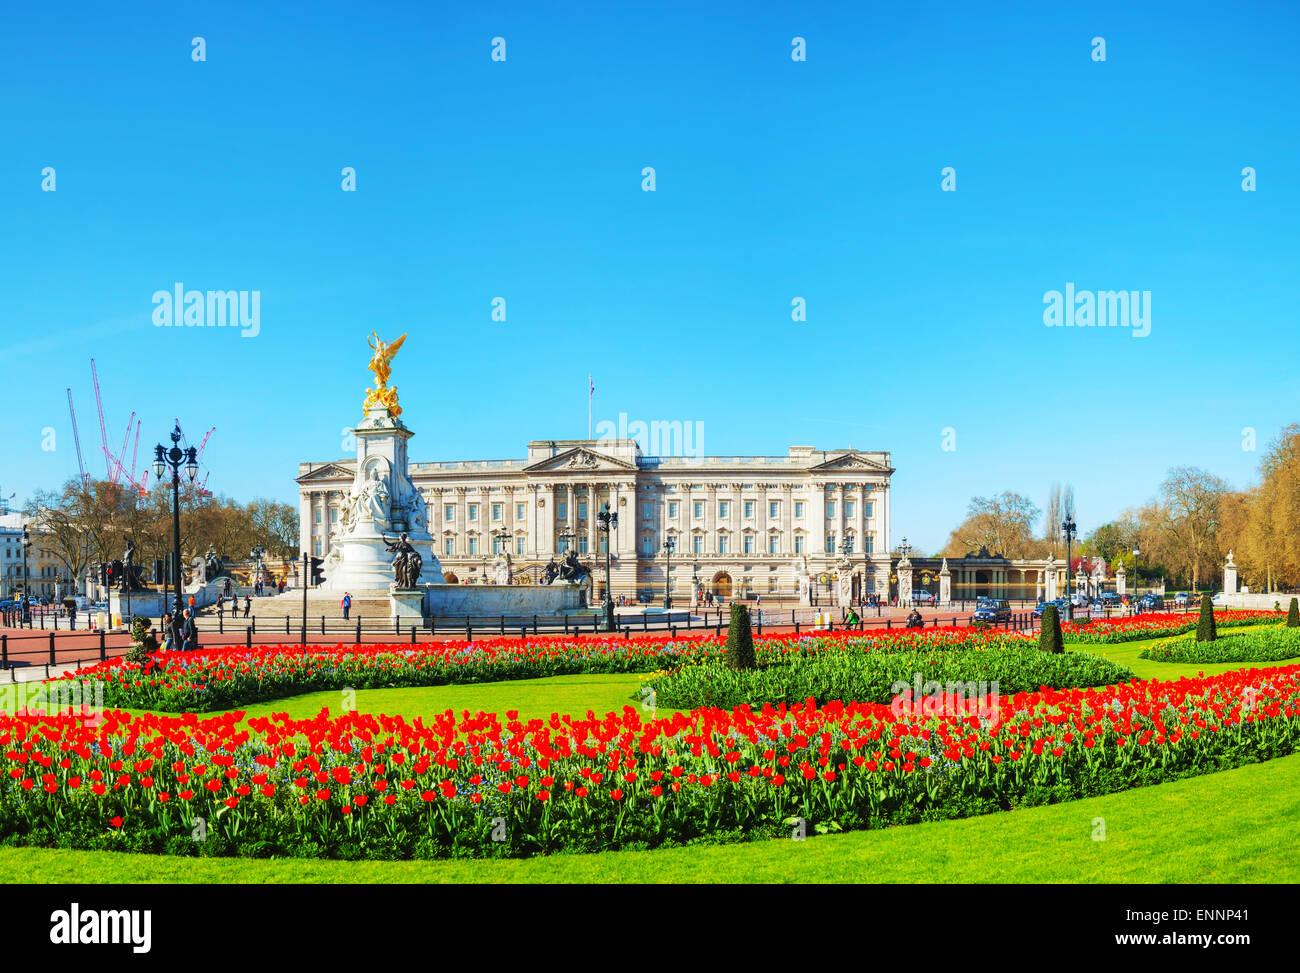 Buckingham Palast Panorama Übersicht in London, Vereinigtes Königreich an einem sonnigen Tag Stockbild